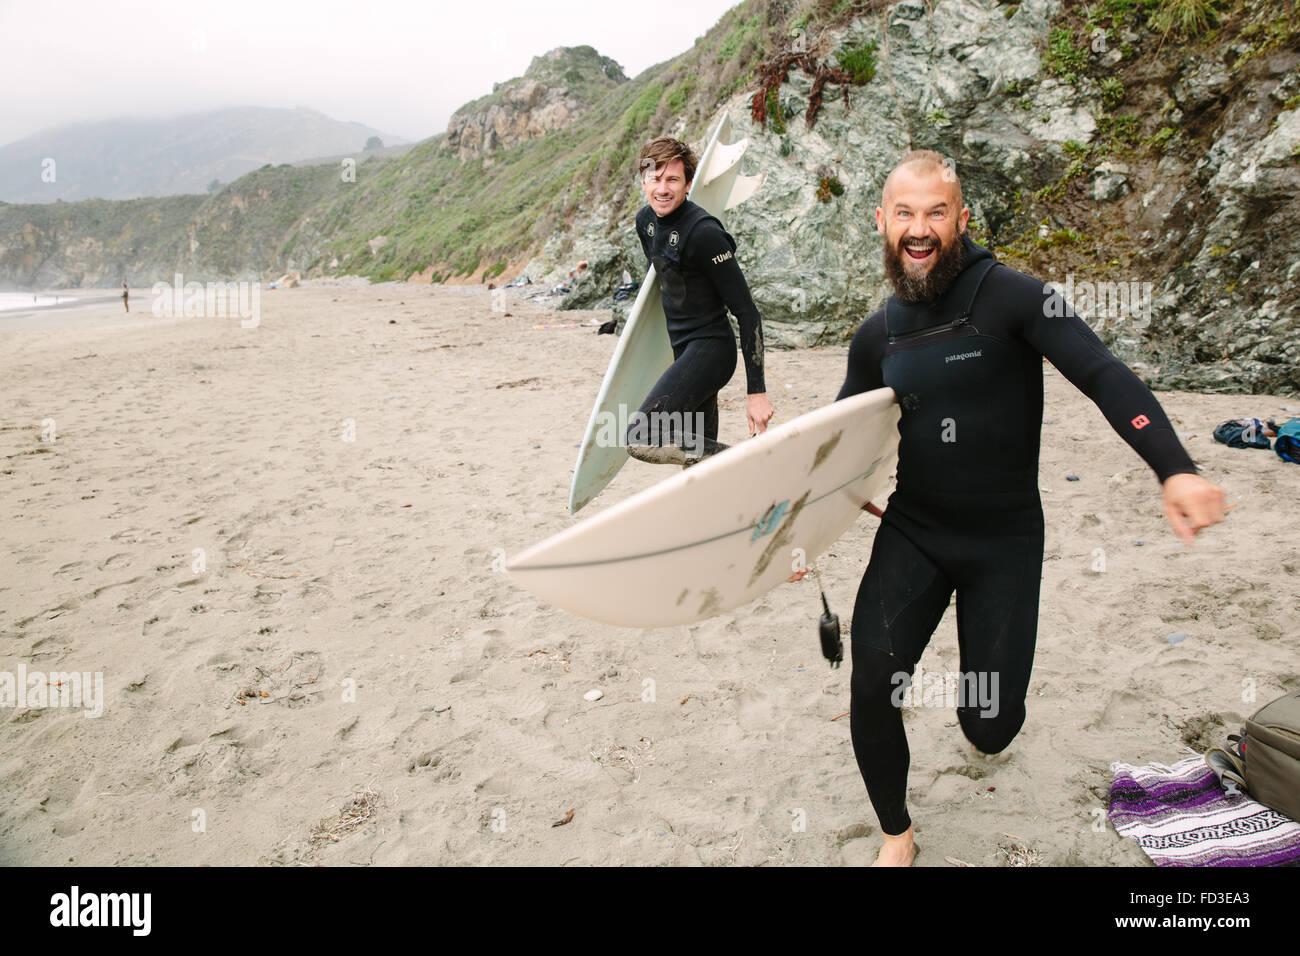 Due surfisti buono intorno sulla spiaggia prima di saltare in acqua per prendere le onde in Big Sur, California. Immagini Stock